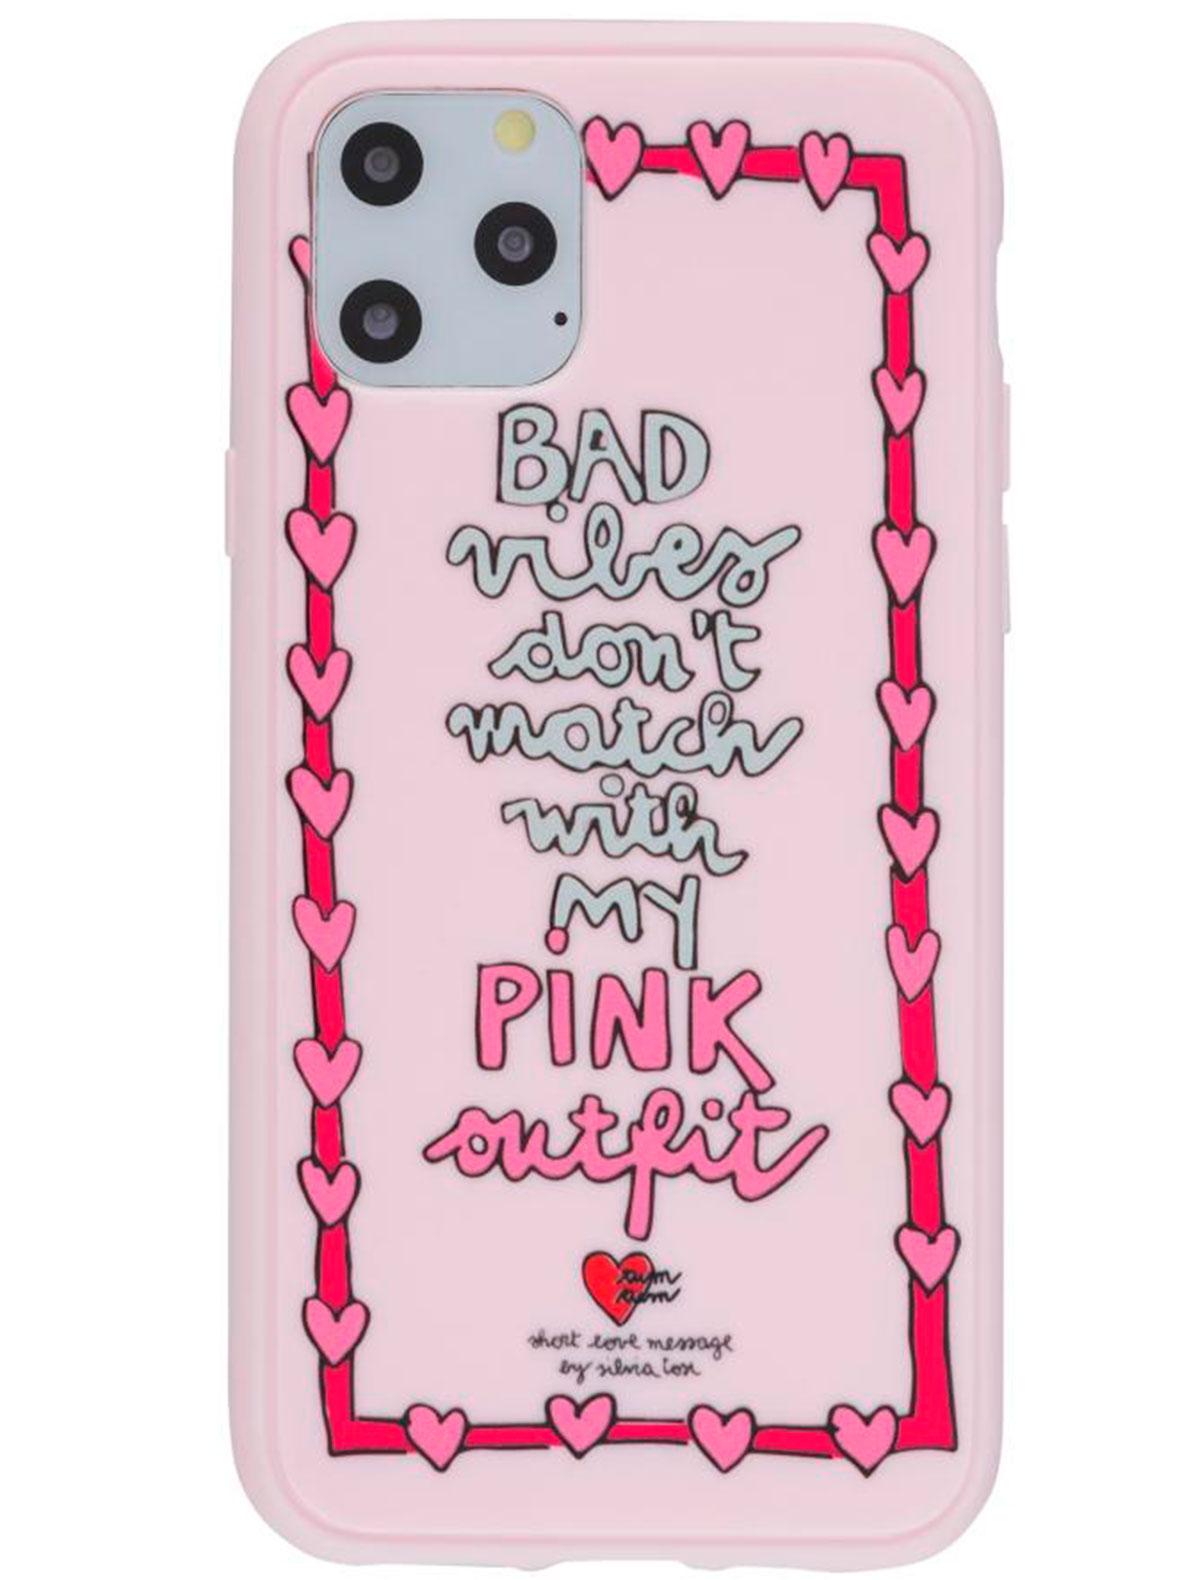 Купить 2196601, Чехол для телефона BENJAMINS, розовый, 5674528070071